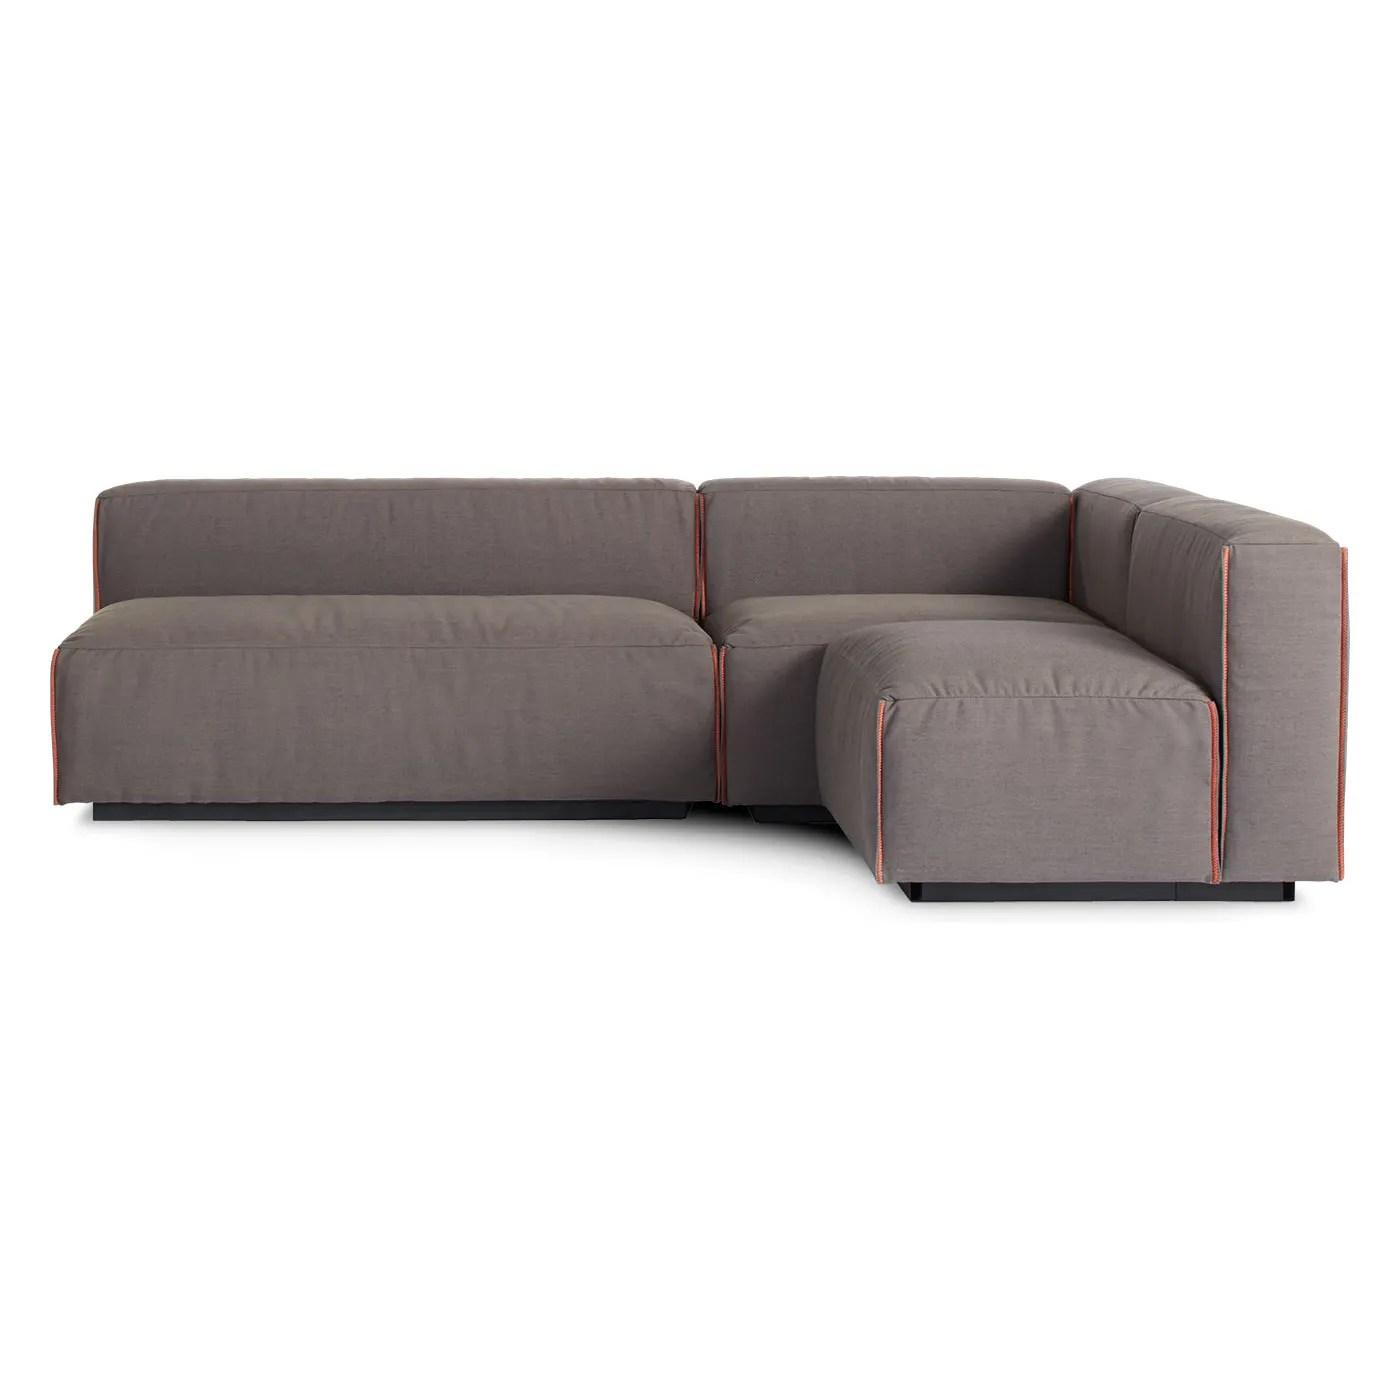 armless sofas craigslist sectional sofa vancouver home decor